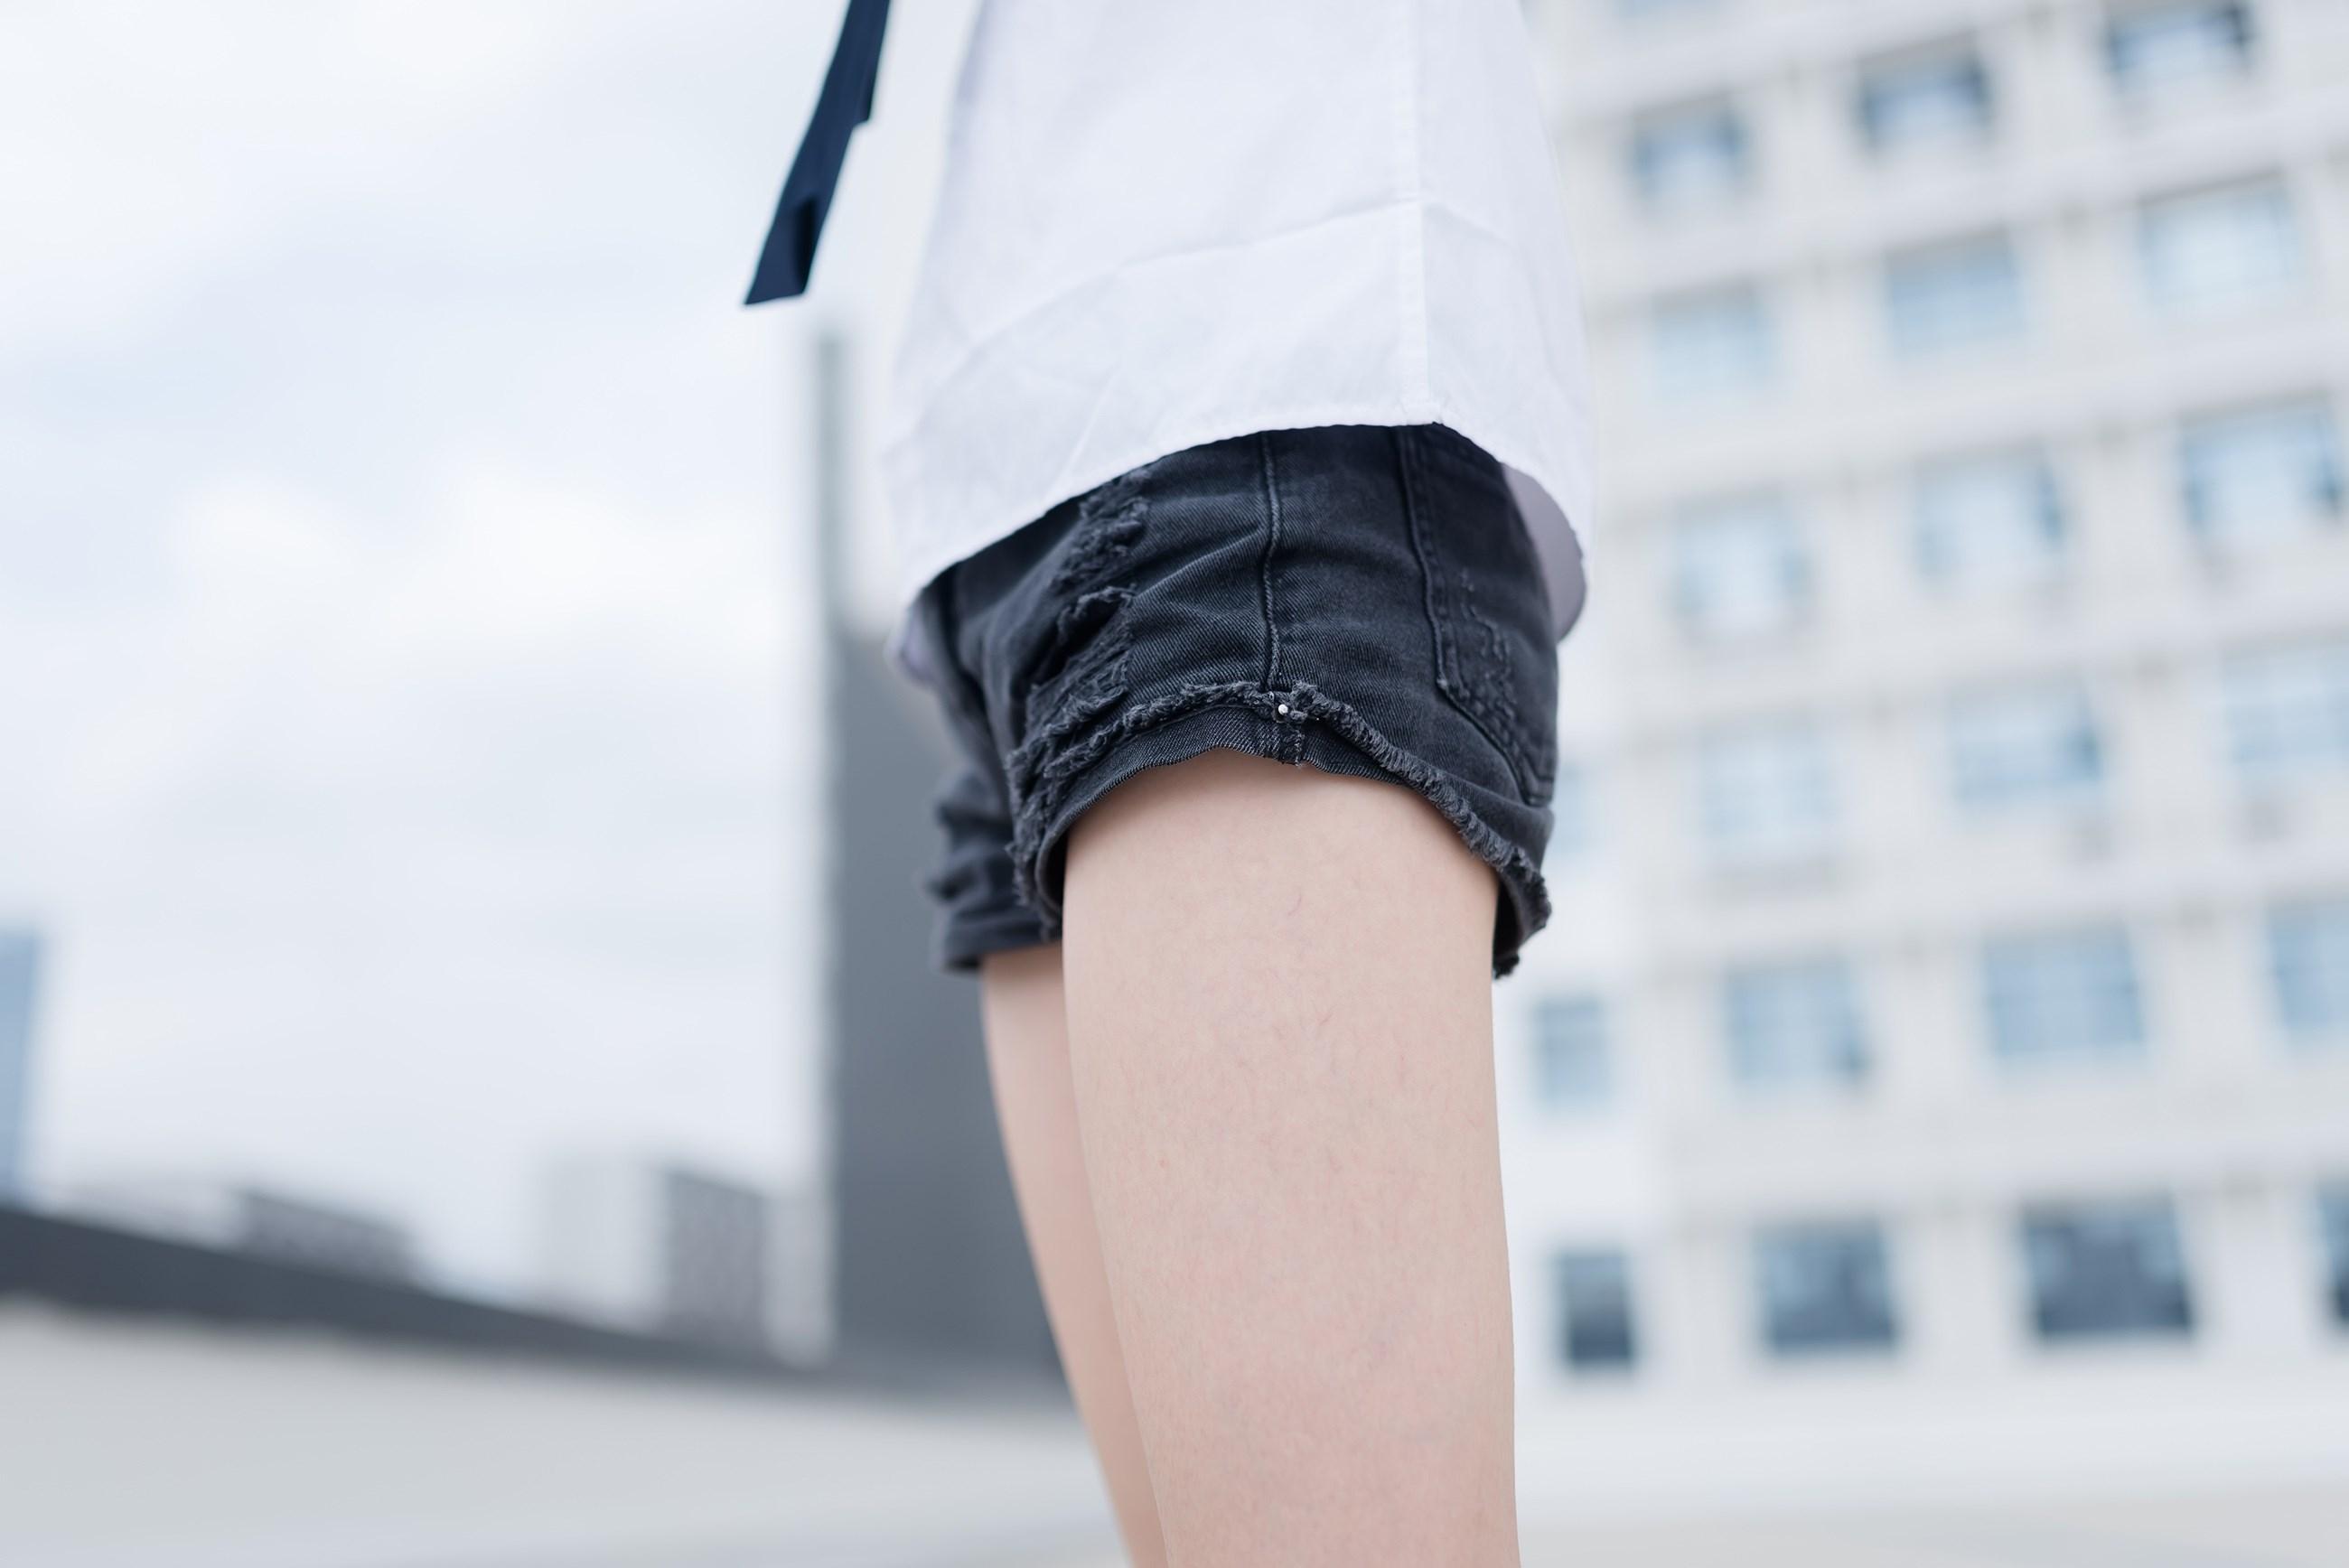 【兔玩映画】裸脚白衬衫 · 足控福利 兔玩映画 第22张